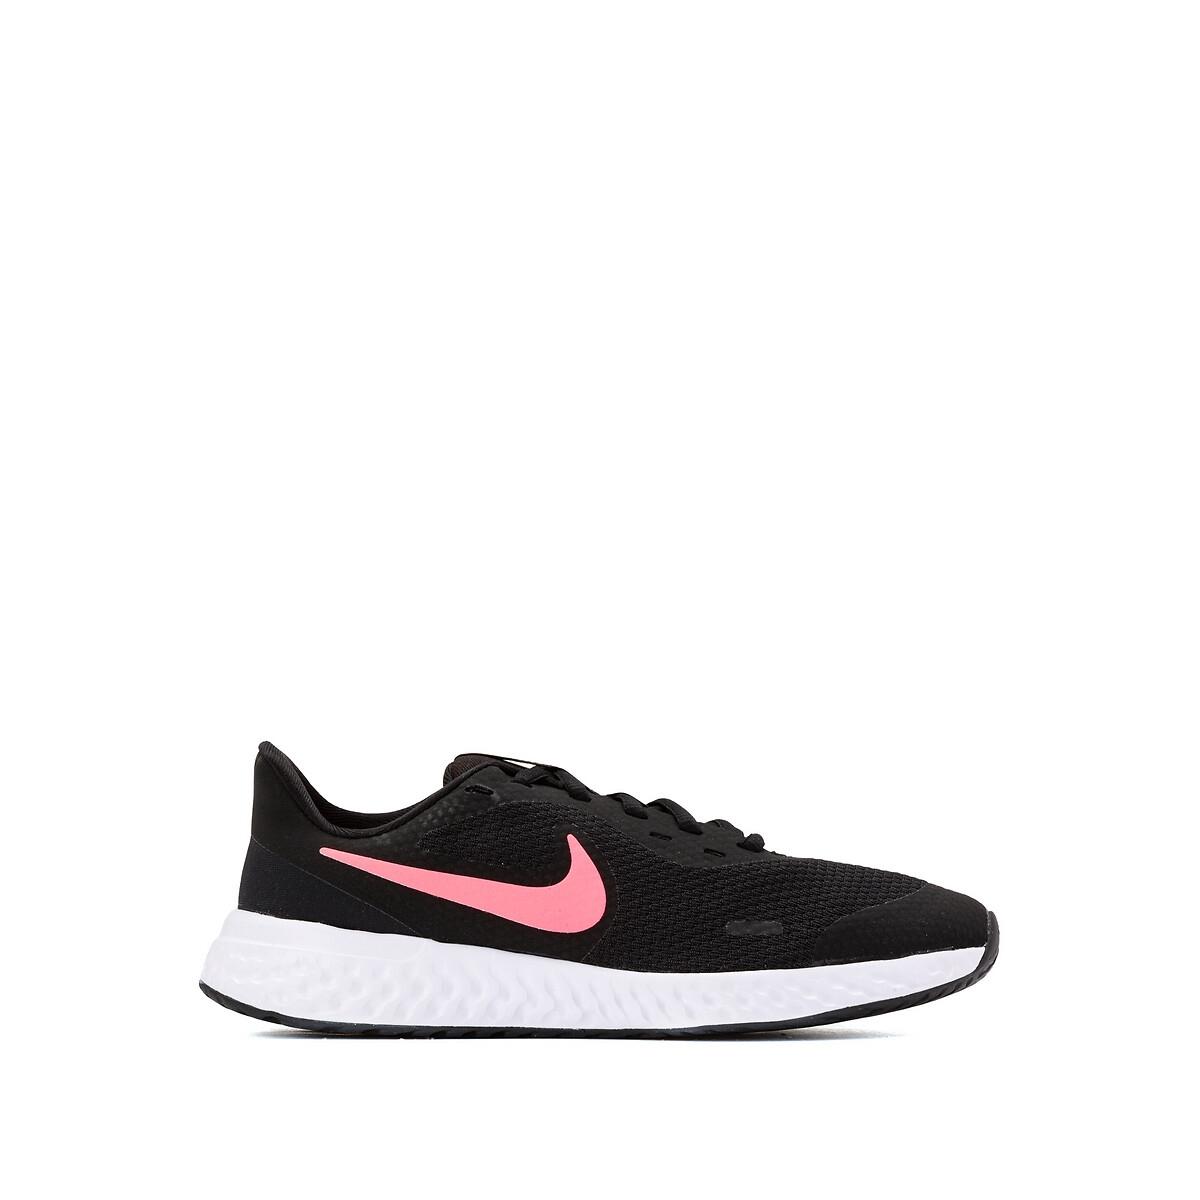 Nike revolution 5 hardloopschoenen zwart/roze kinderen online kopen